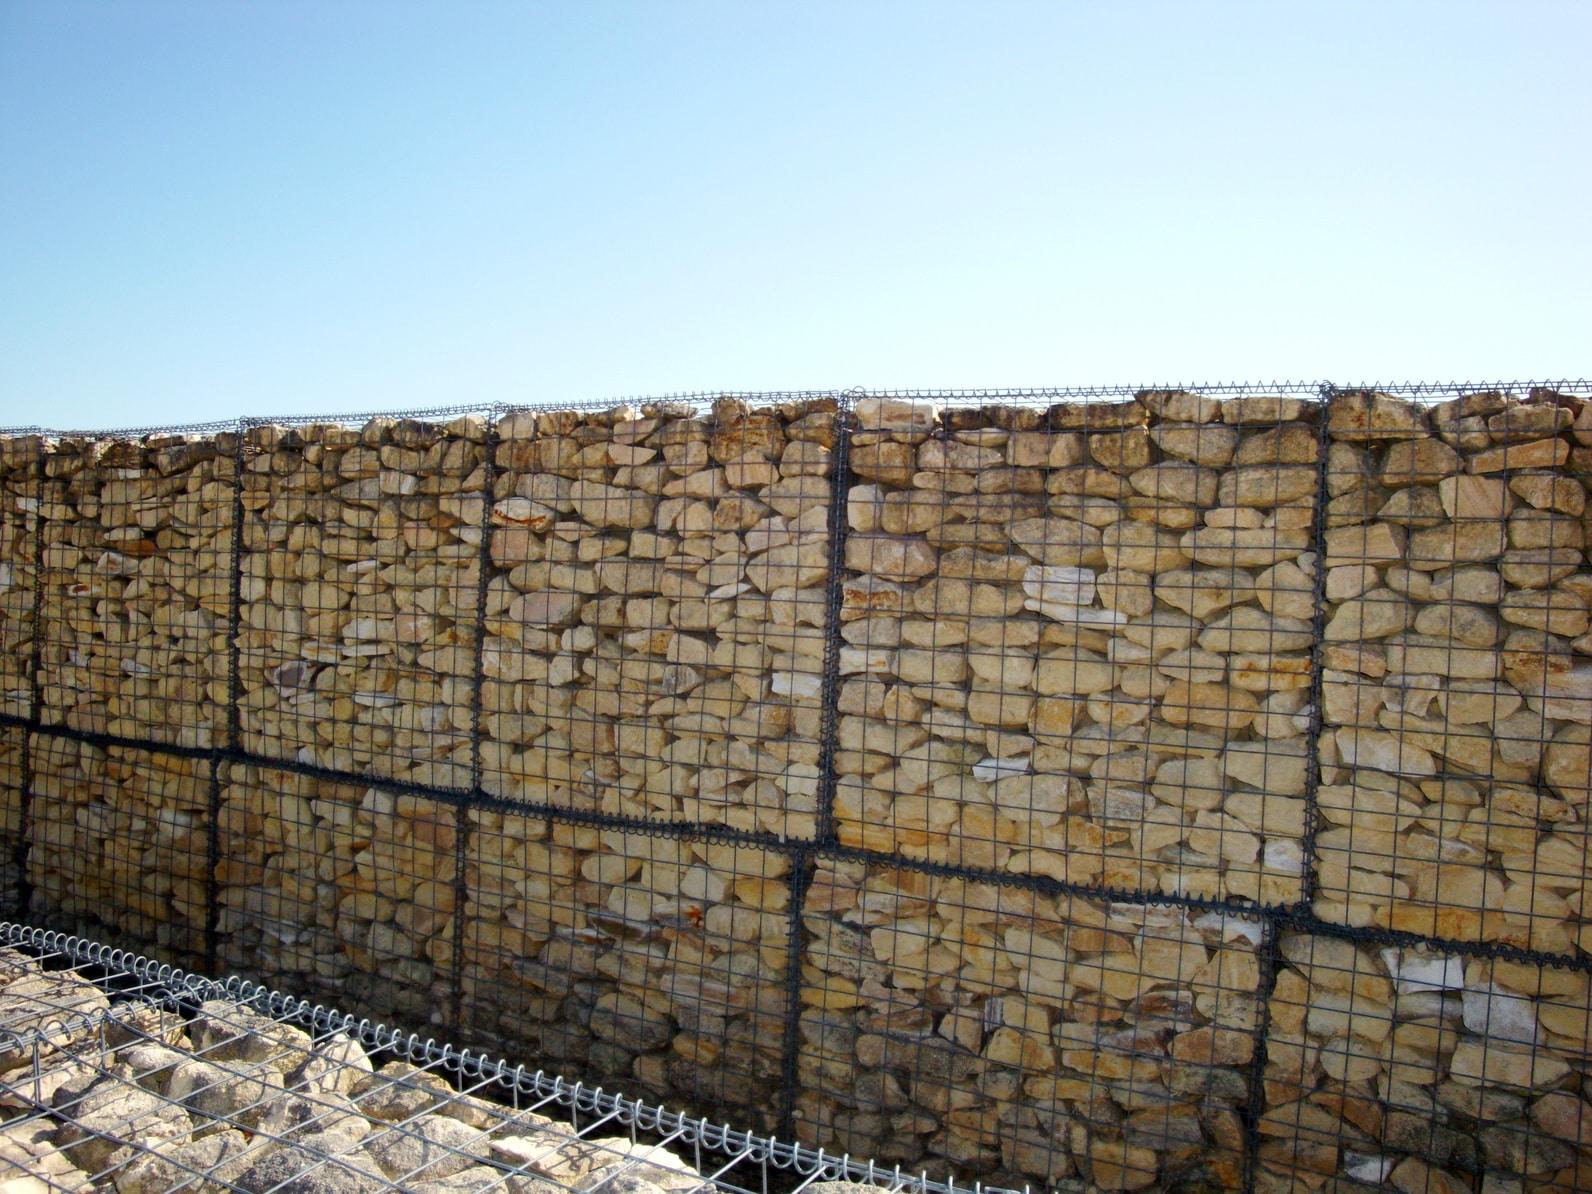 Prix D Un Mur De Cloture En Plaque De Beton prix d'un mur de soutènement